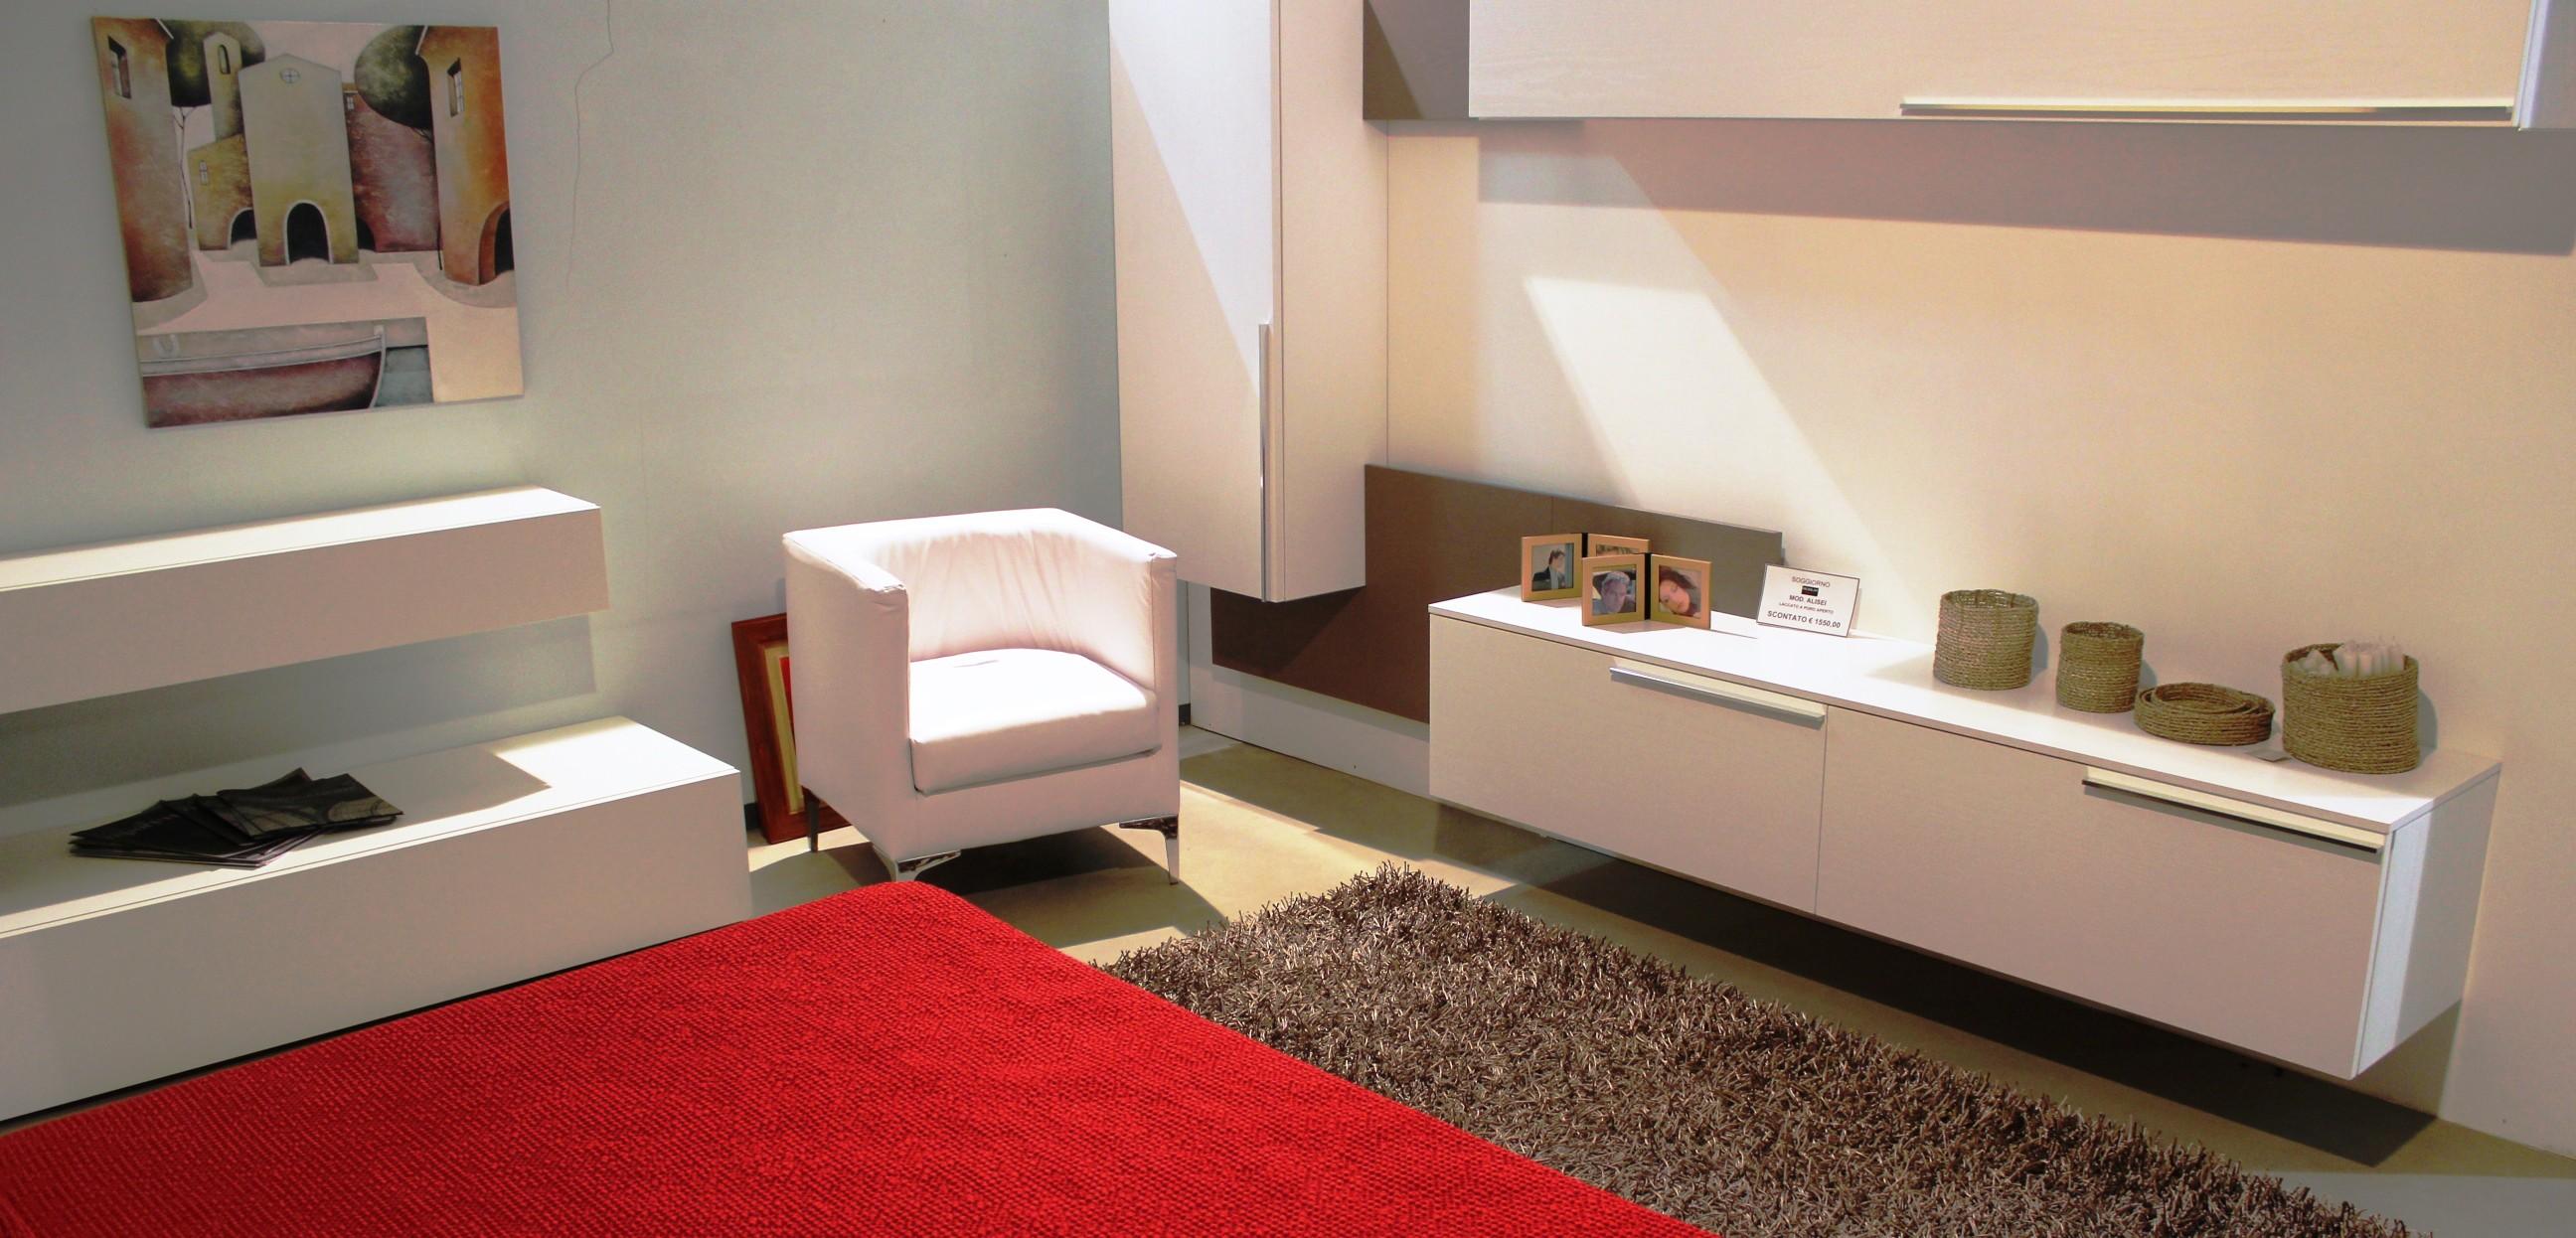 Franzese arredamenti camere da letto idee per la casa for Ardisa arredamenti somma vesuviana